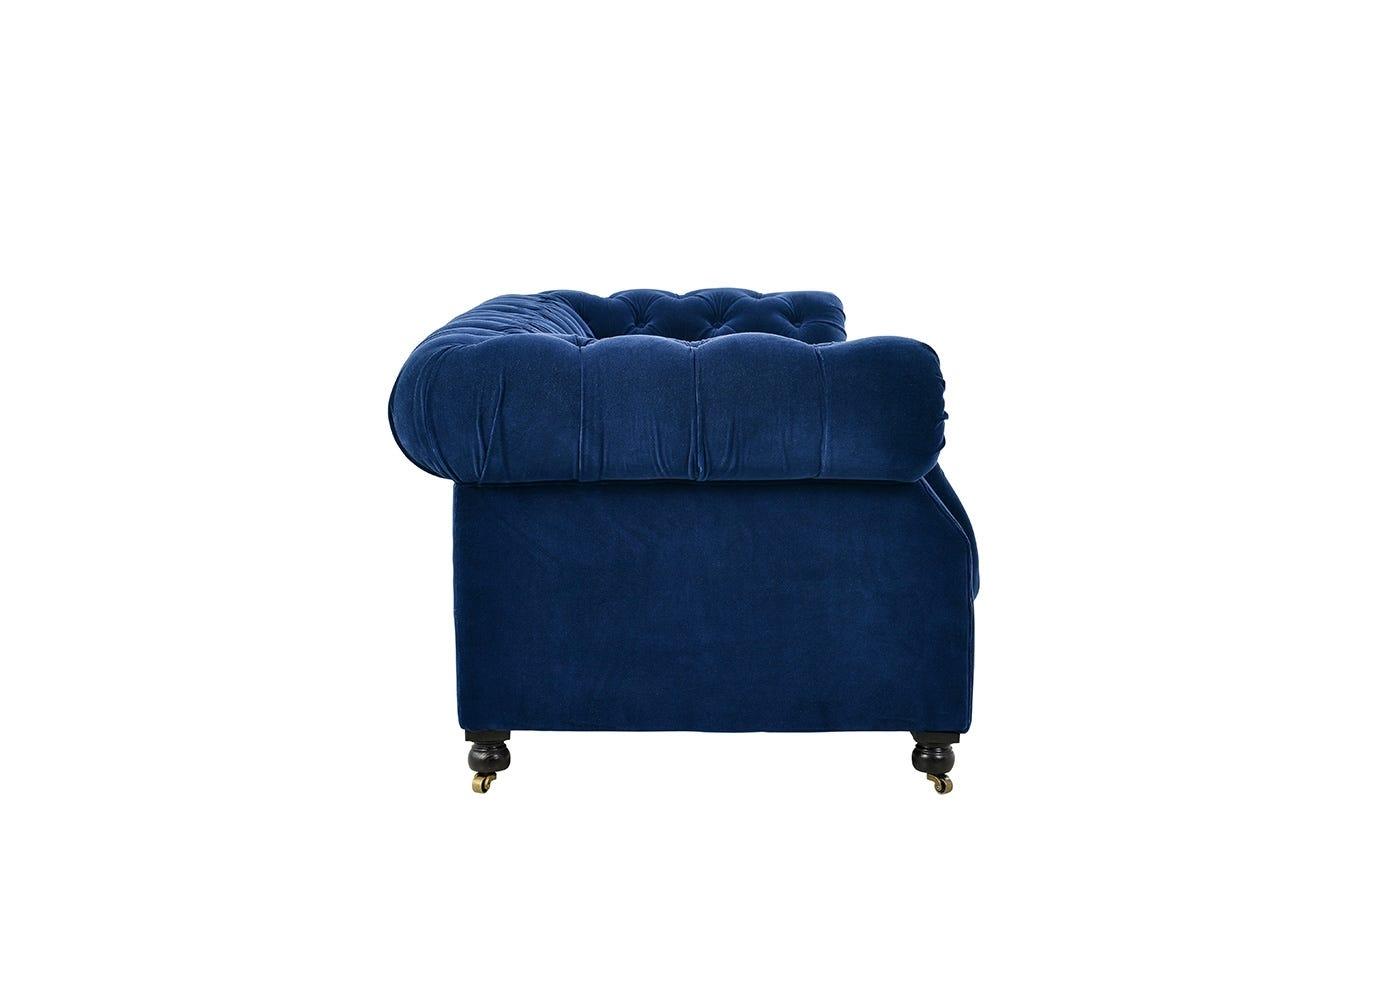 Serpentine 3 Seater Sofa Revival Velvet Navy - Side View